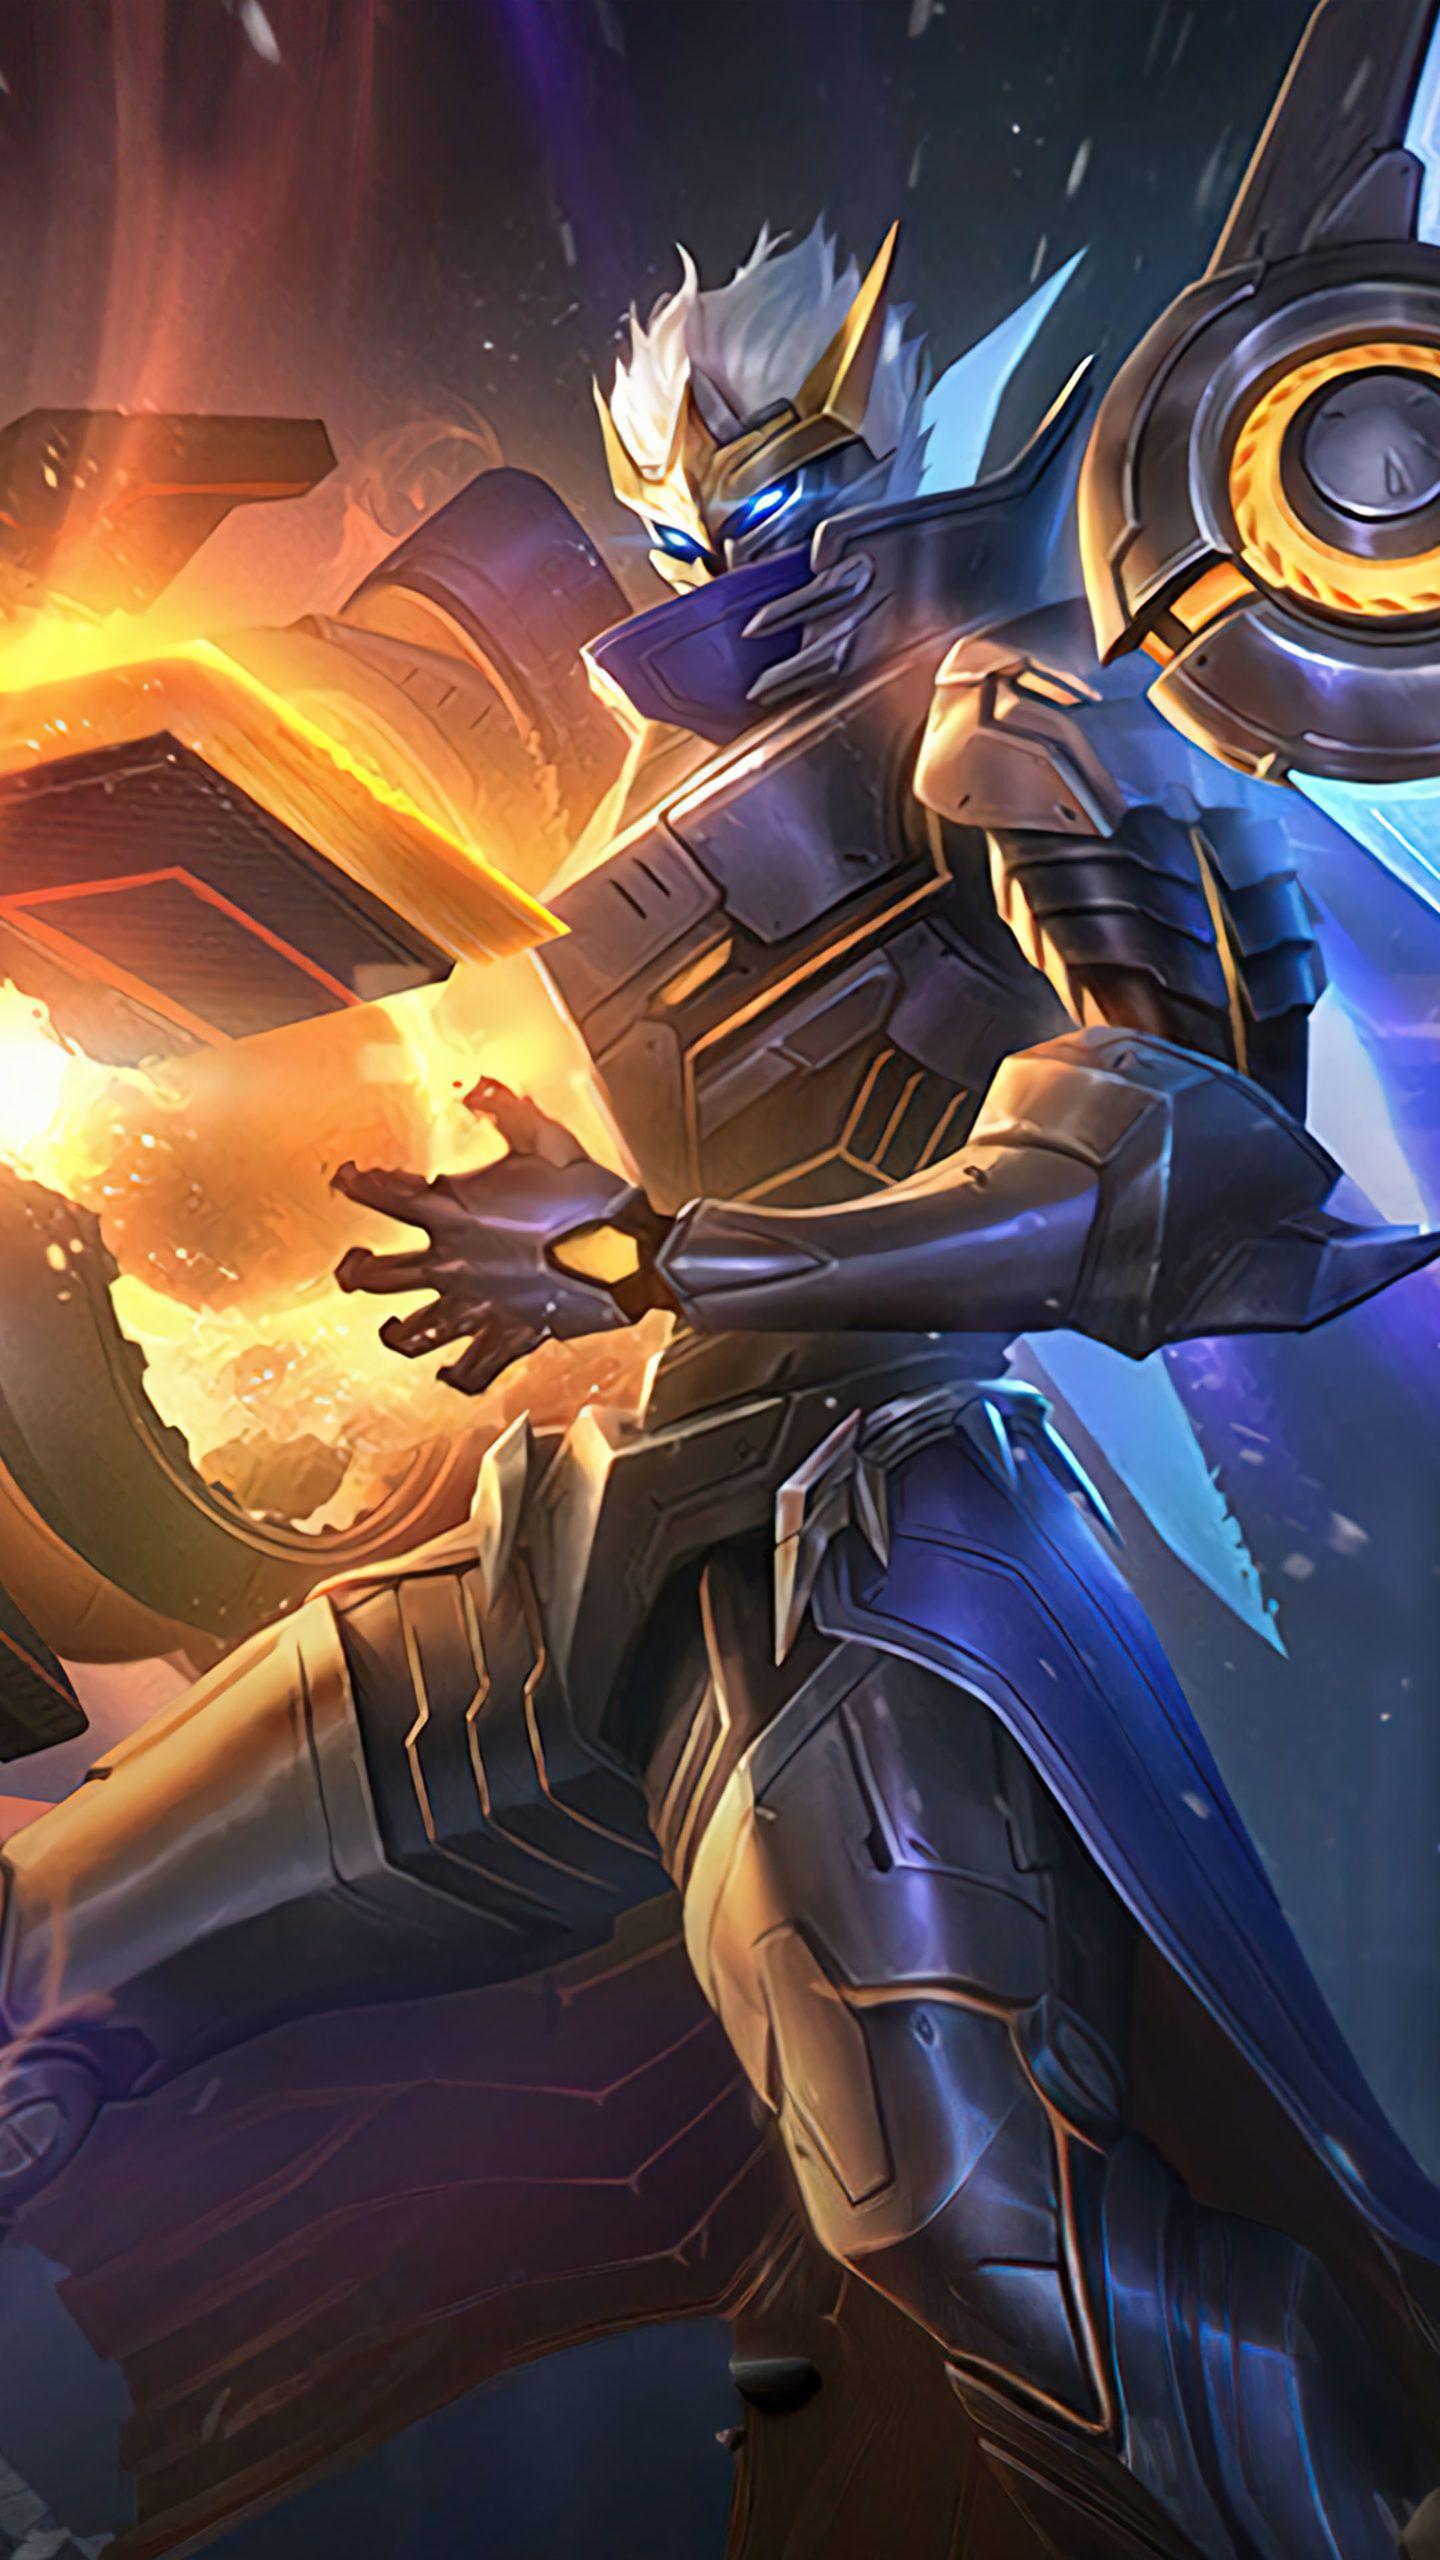 Granger Starfall Knight Mobile Legends 4k Ultra Hd Mobile Wallpaper In 2021 Mobile Legends Mobile Legend Wallpaper Alucard Mobile Legends